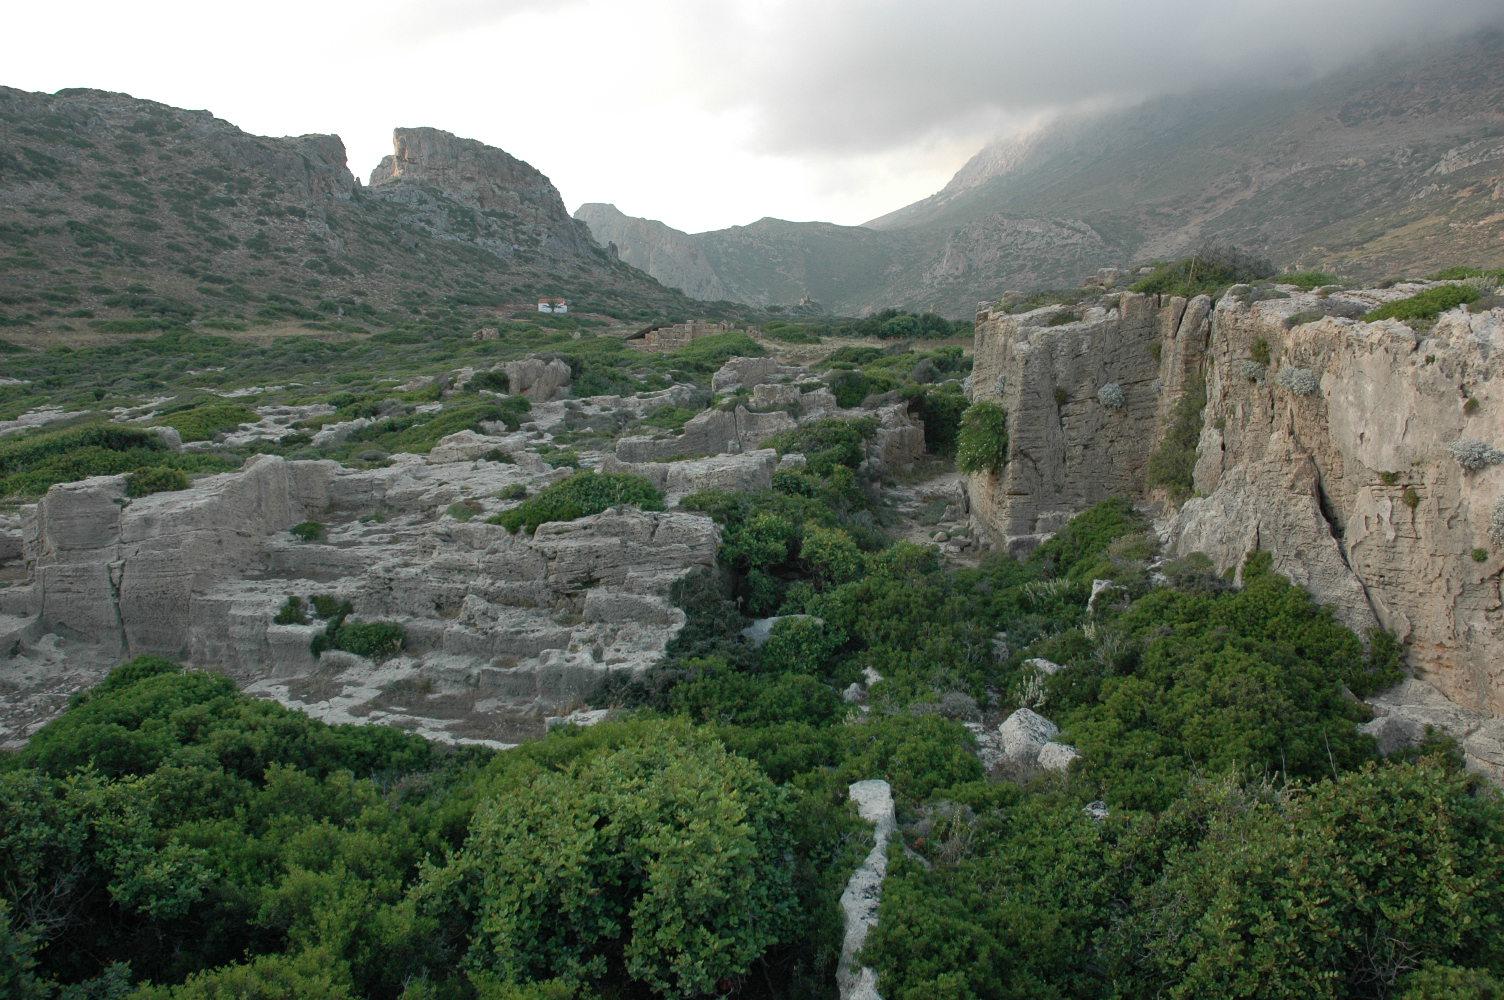 stari grad, arheološko nalazište, zidine, akropolj, hanja